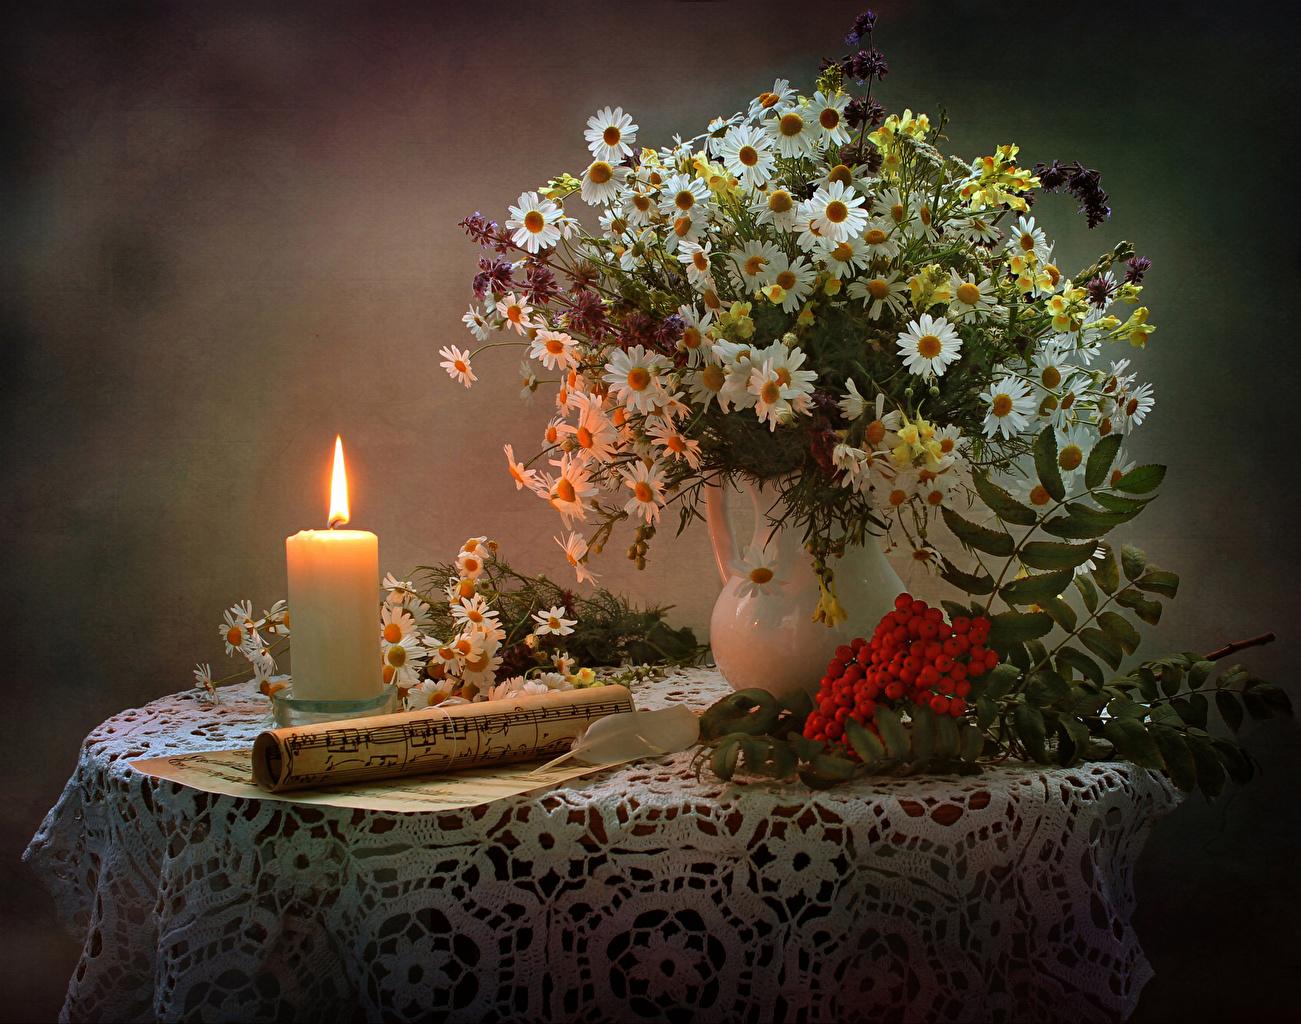 Фотографии Ноты Букеты Рябина Цветы ромашка столы Свечи Натюрморт букет цветок Ромашки Стол стола